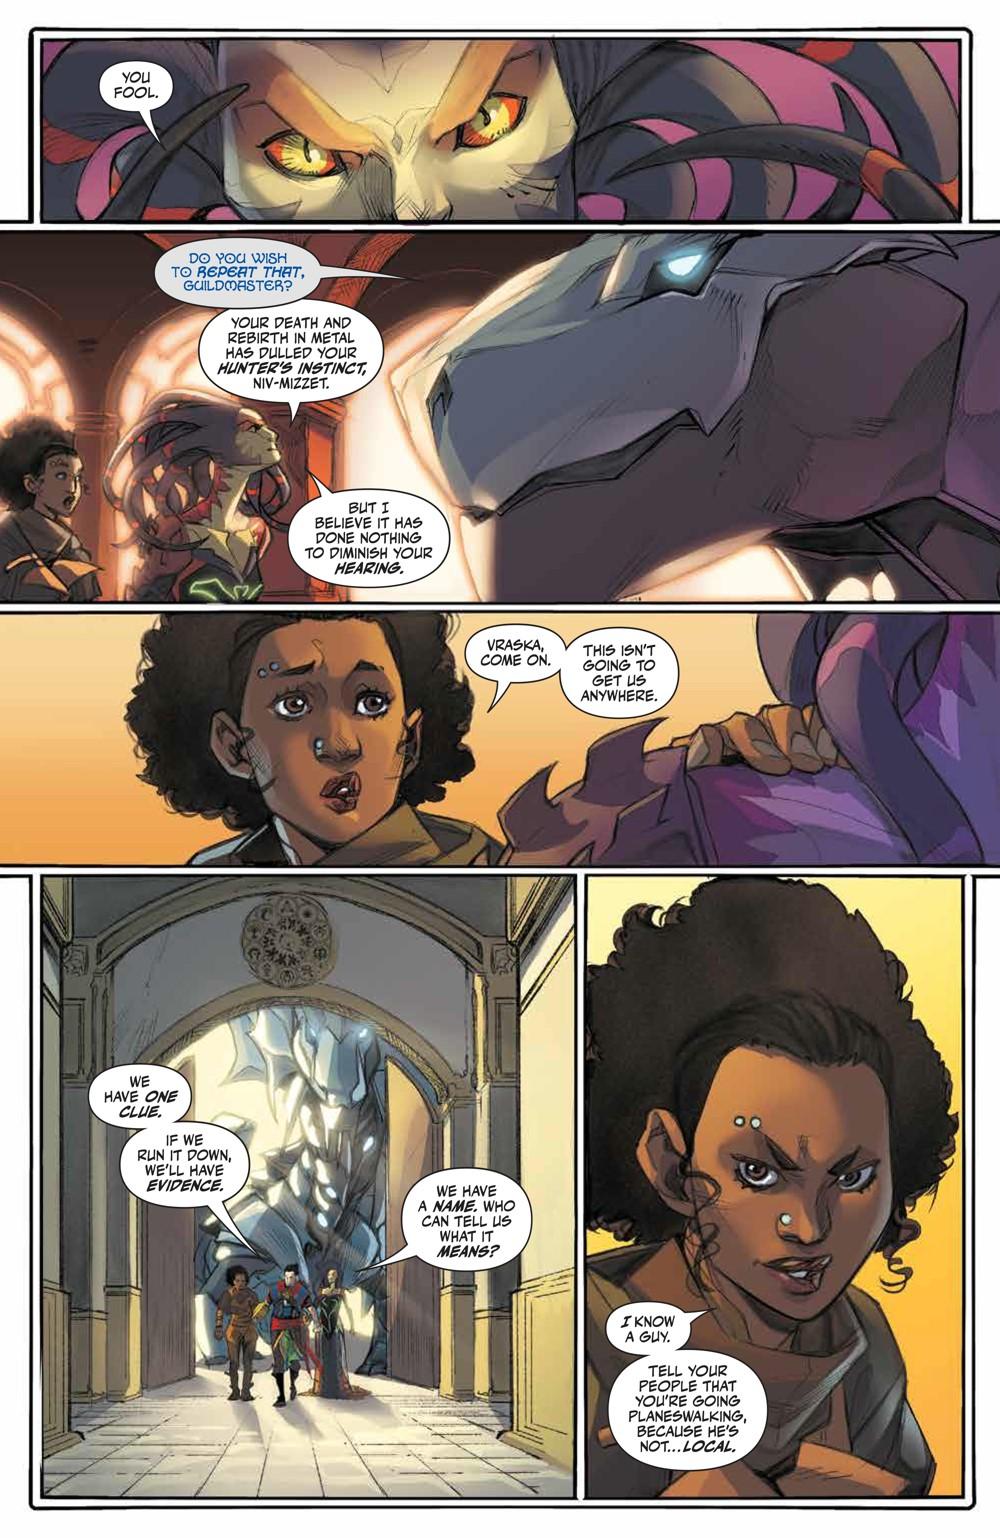 Magic_005_PRESS_6 ComicList Previews: MAGIC #5